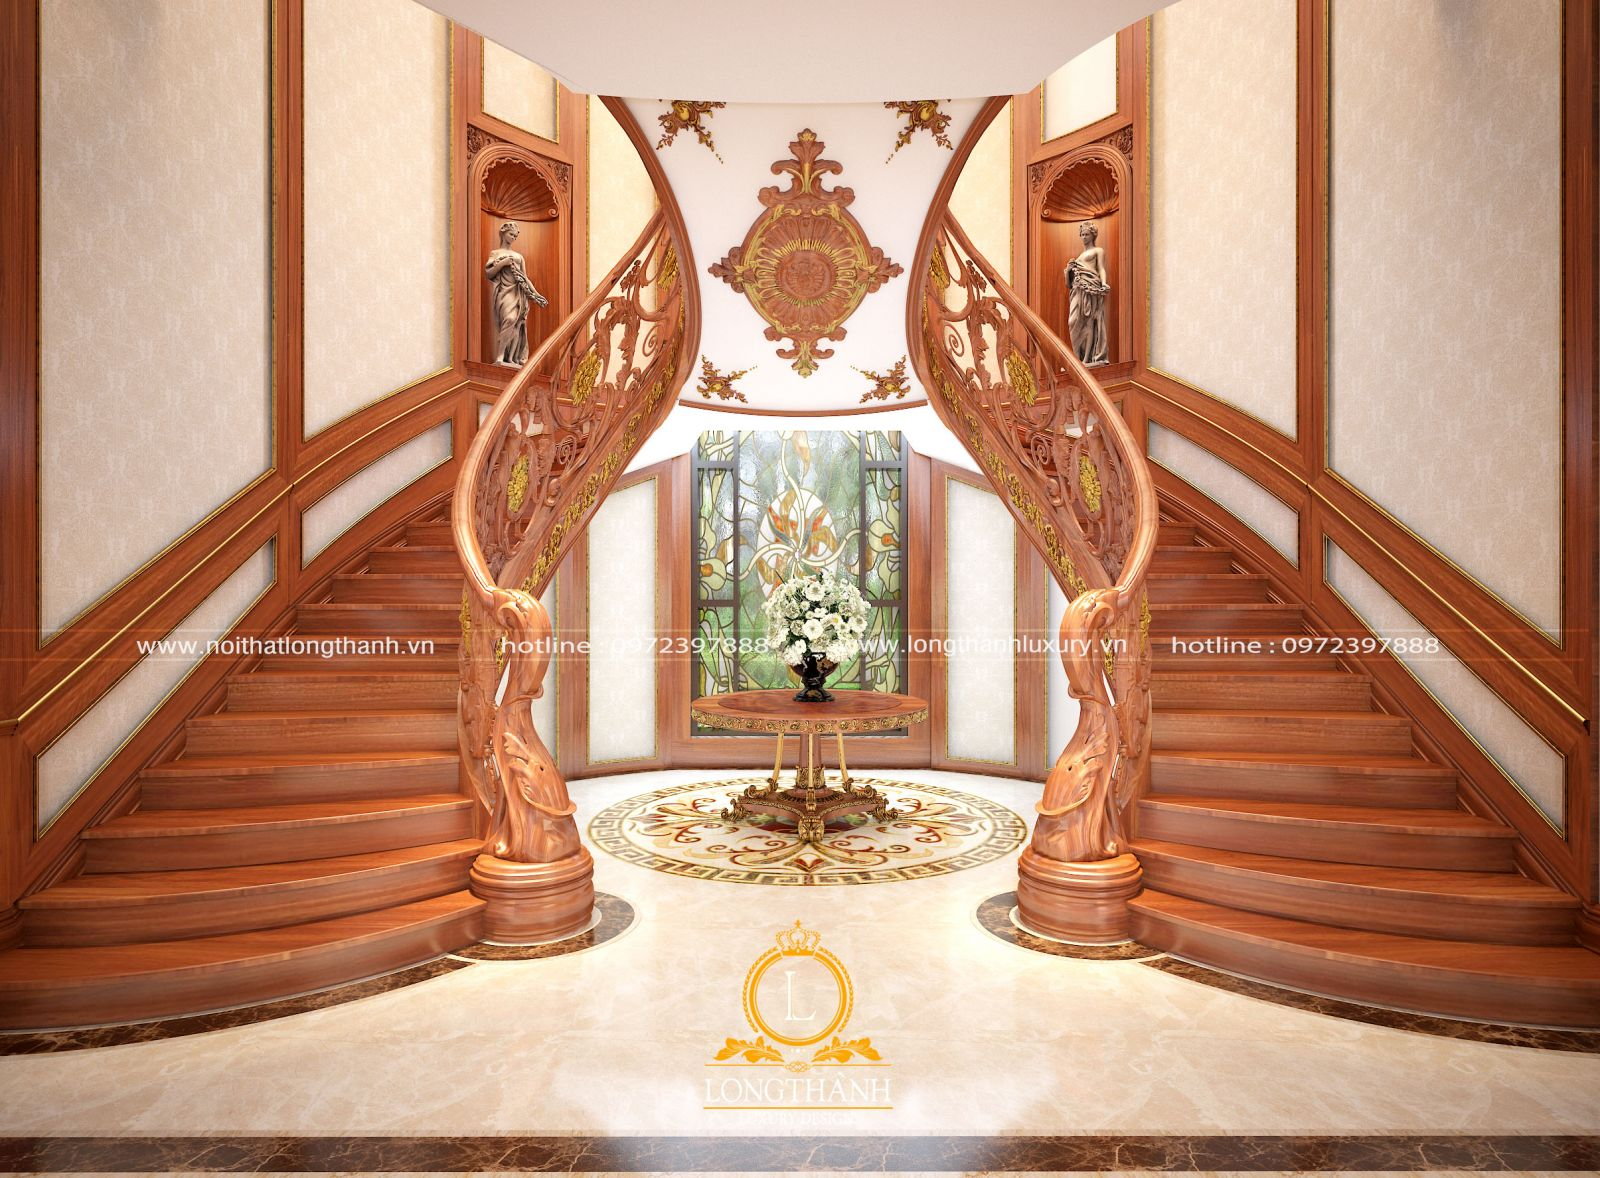 Cầu thang gỗ cổ điển ấn tượng